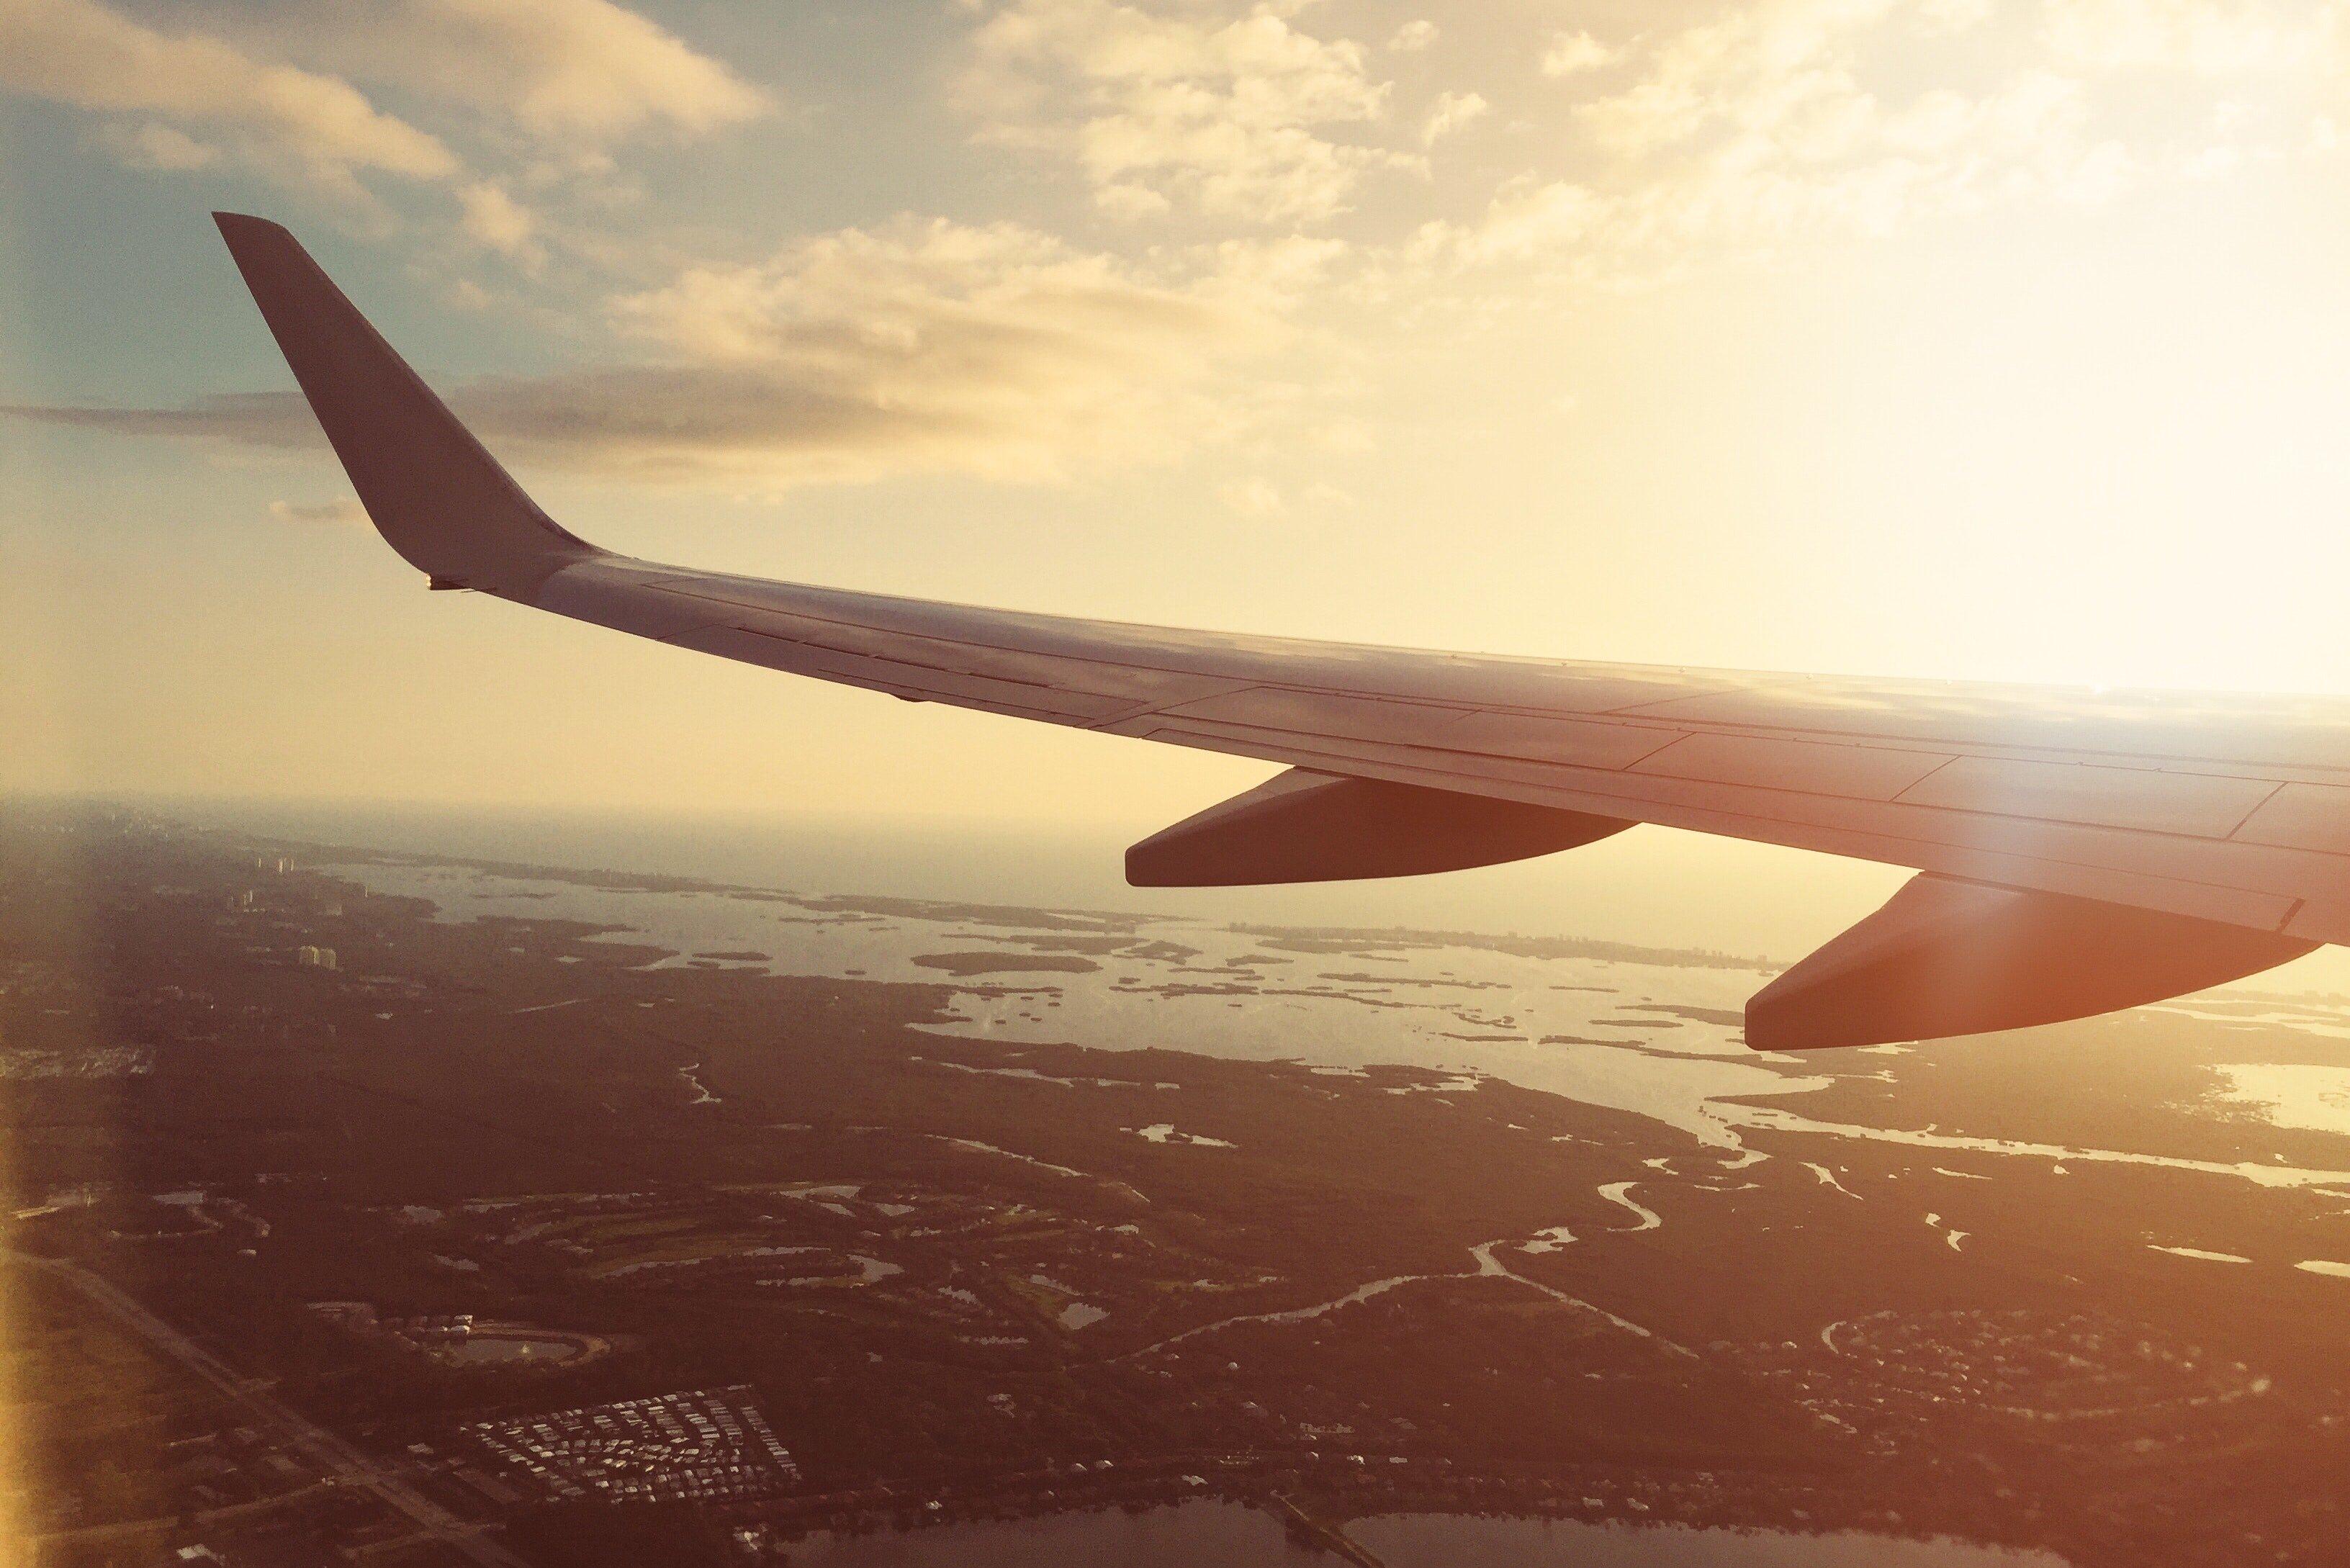 Aeroplane Wing at Sunset